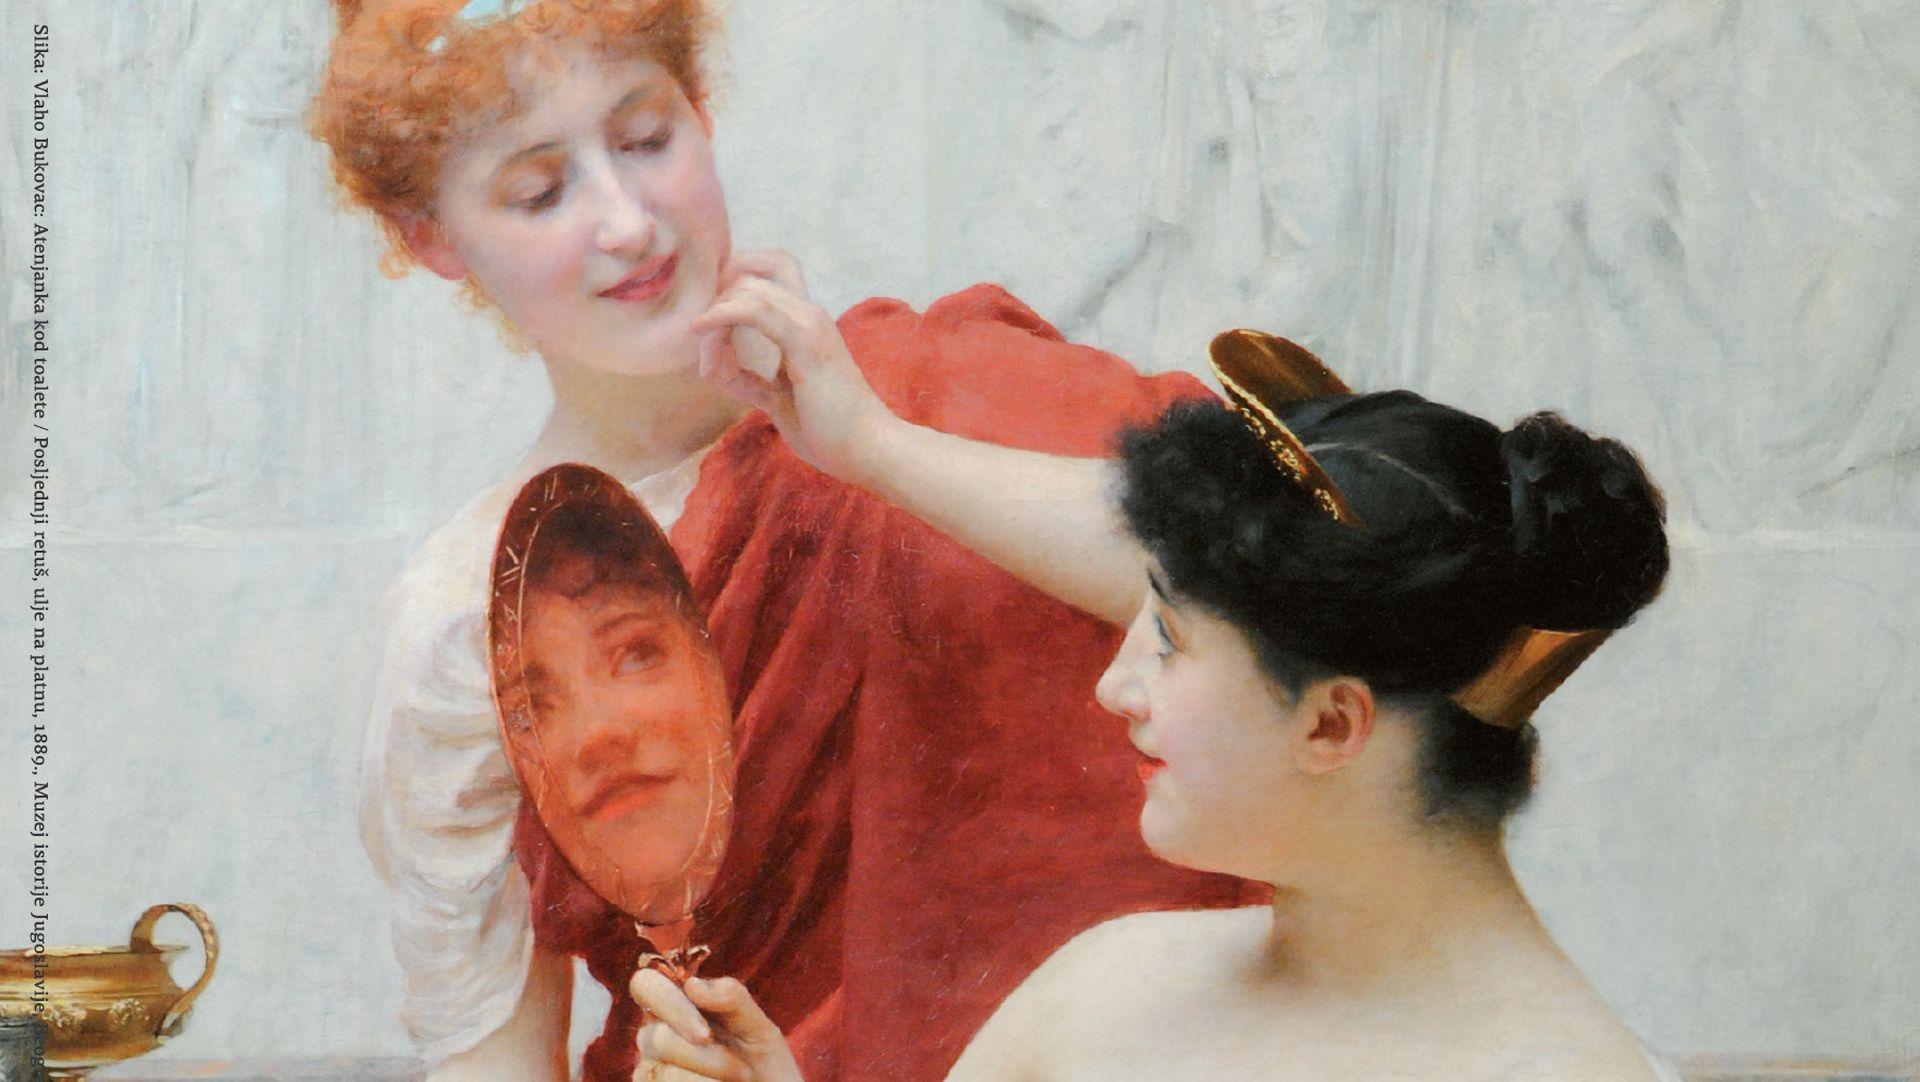 Prva od tri izložbe posvećene Vlahi Bukovcu u Galeriji Klovićevi dvori